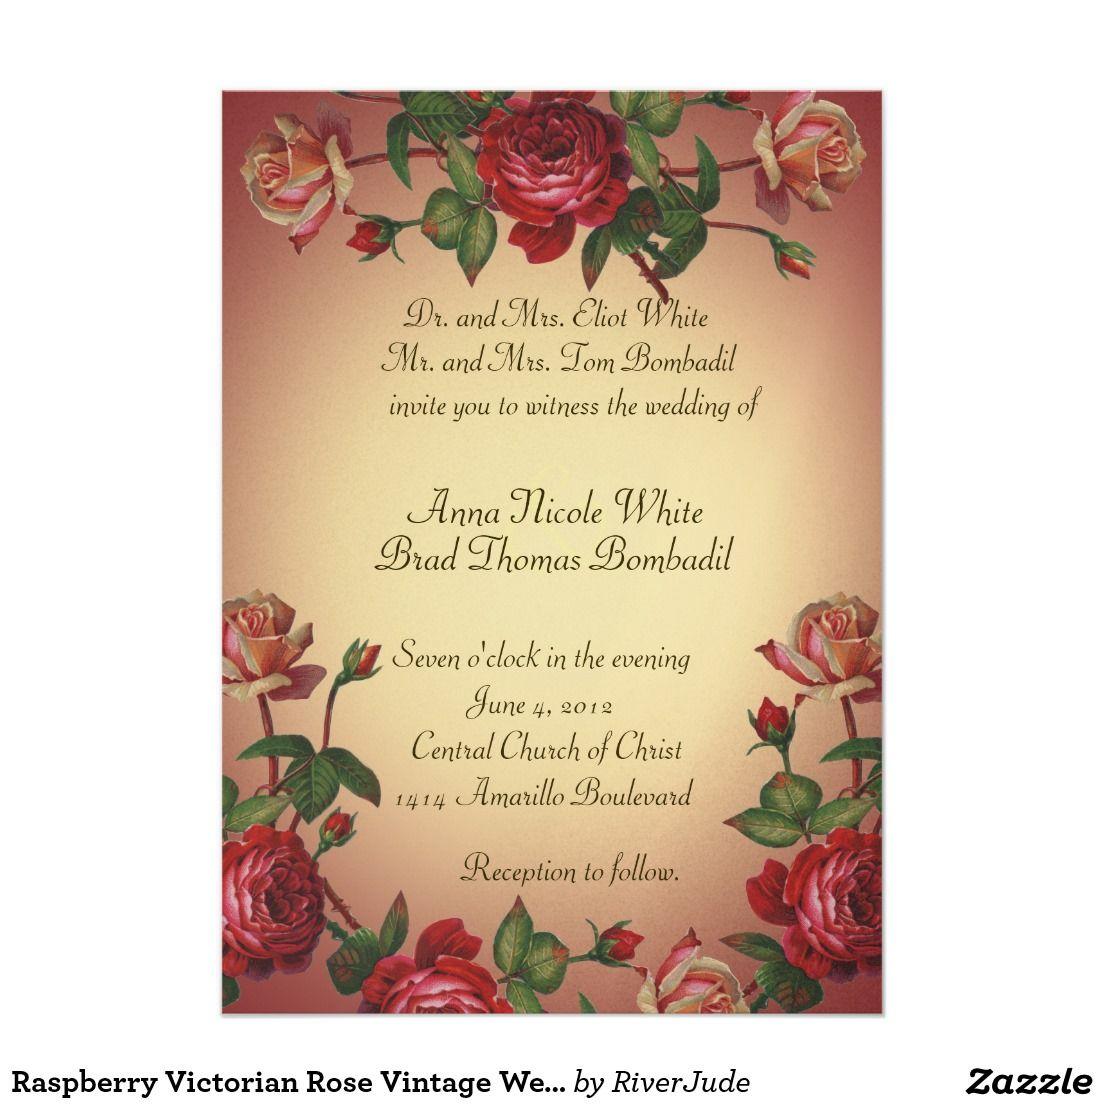 Raspberry Victorian Rose Vintage Wedding Invite | VICTORIAN WEDDING ...